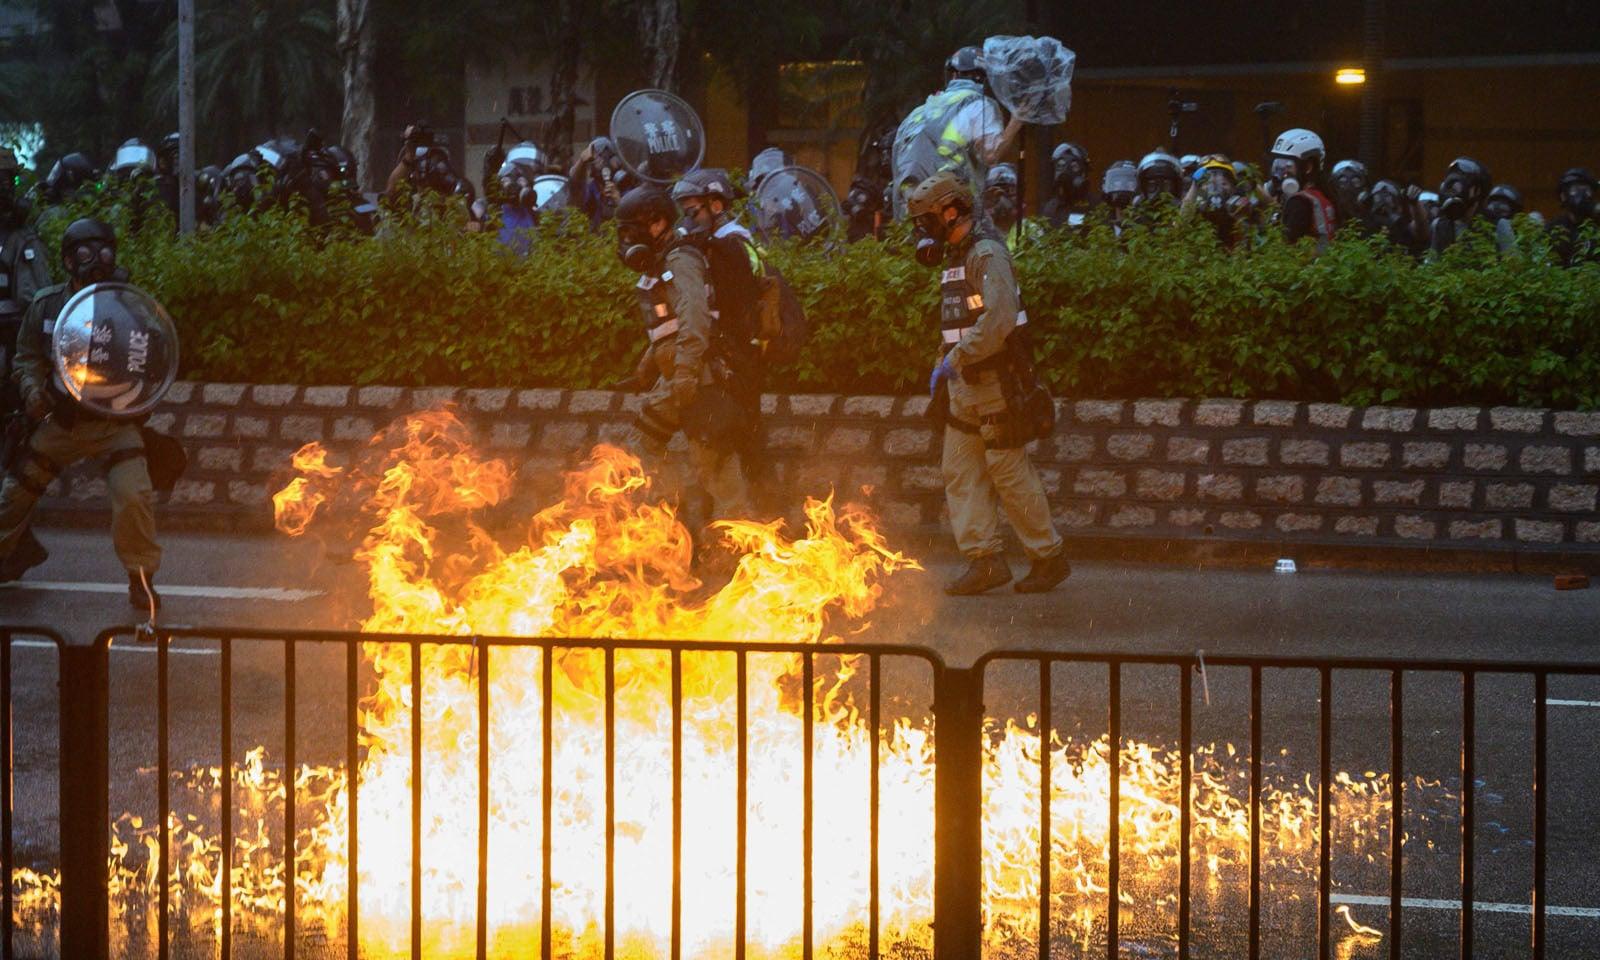 چین نے ہانگ کانگ میں ہنگامہ آرائی اور مظاہروں کا ذمہ دار امریکا کو قرار دیا ہے—فوٹو: اےایف پی